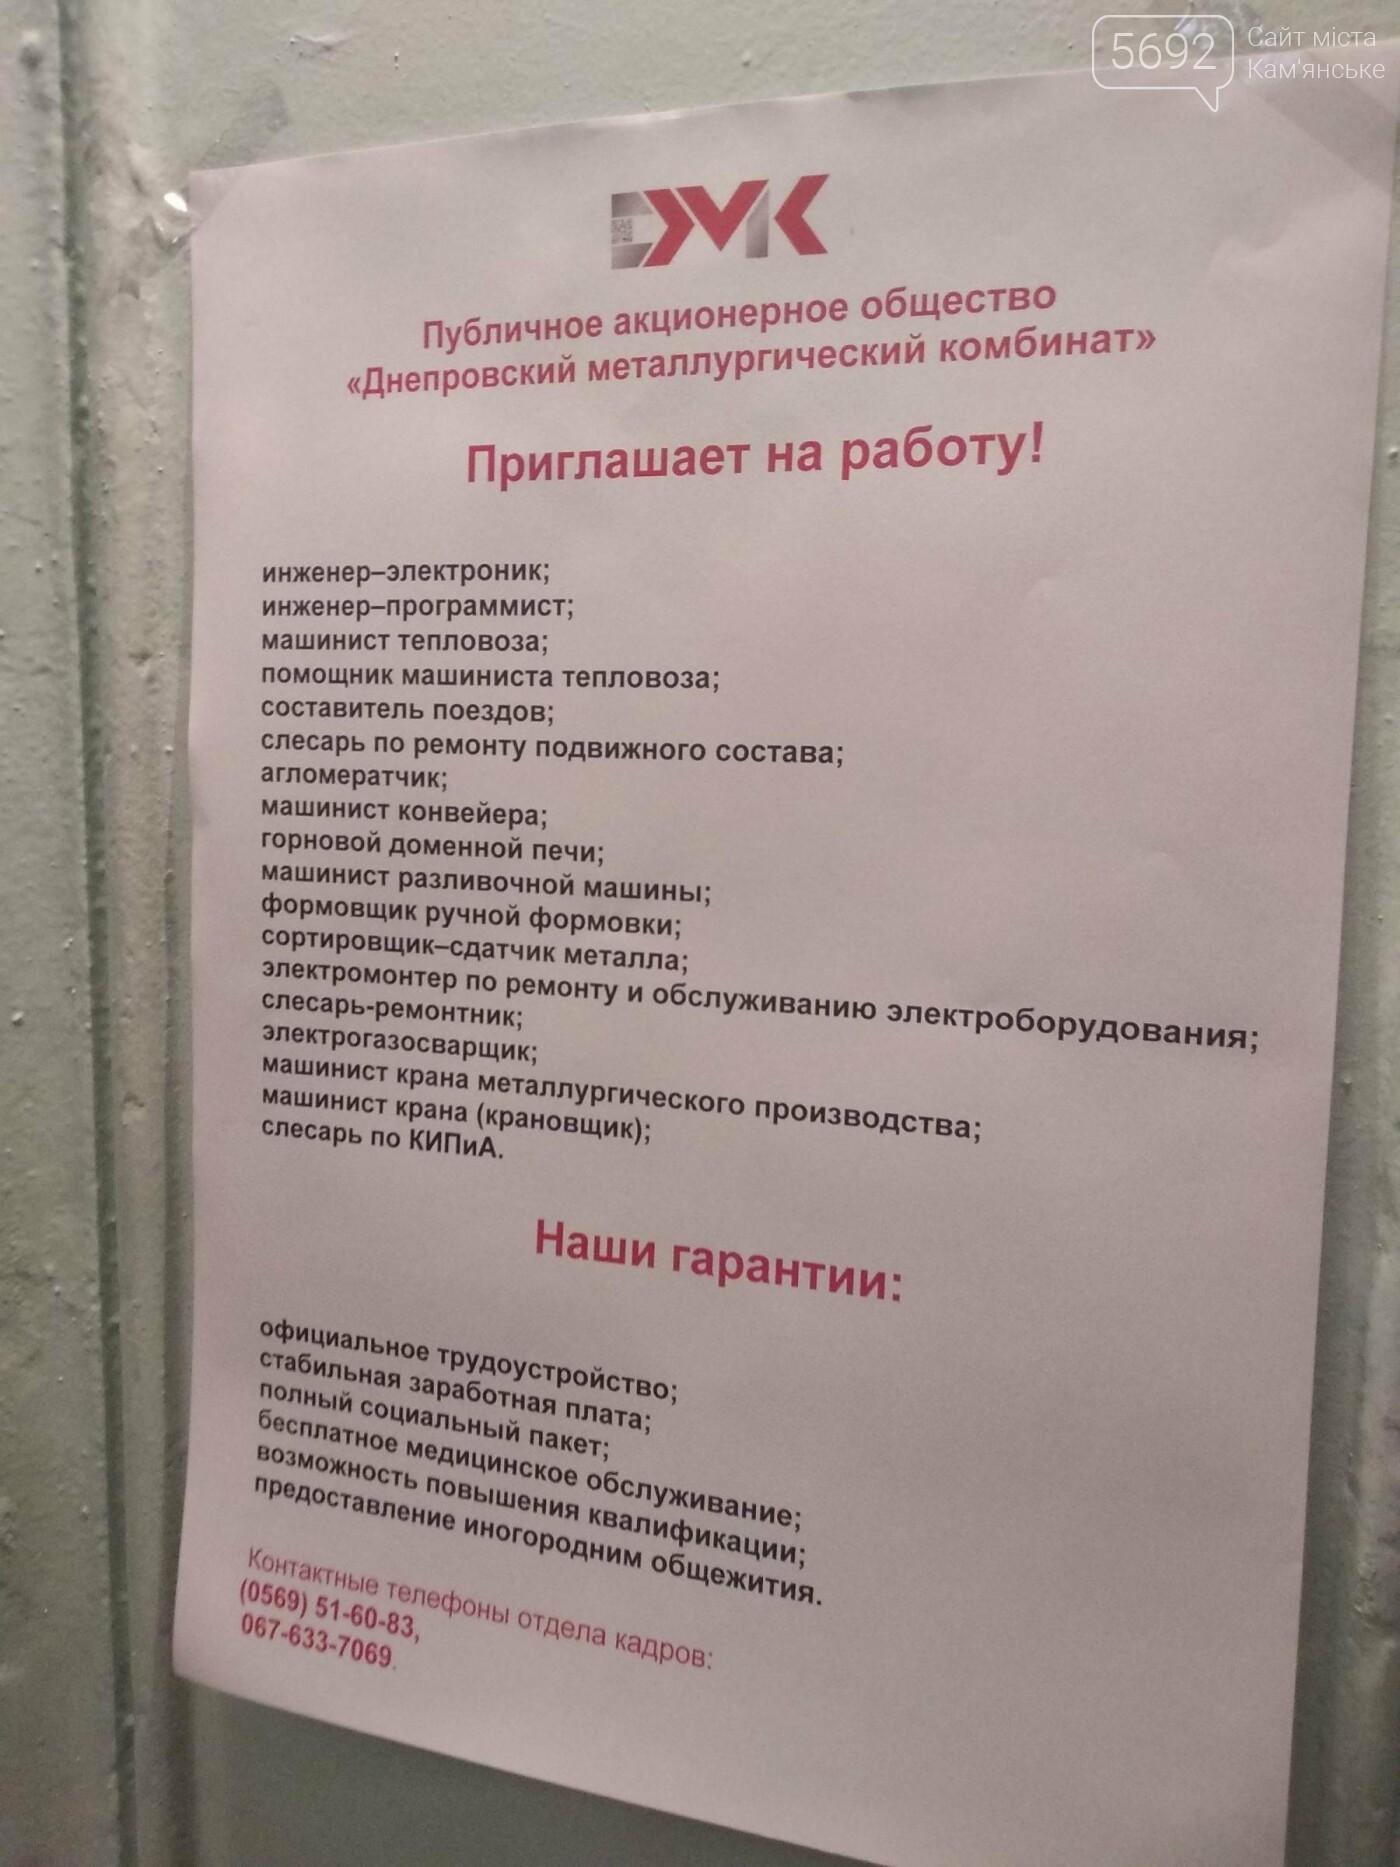 Каменчан приглашают работать на ДМК, фото-11